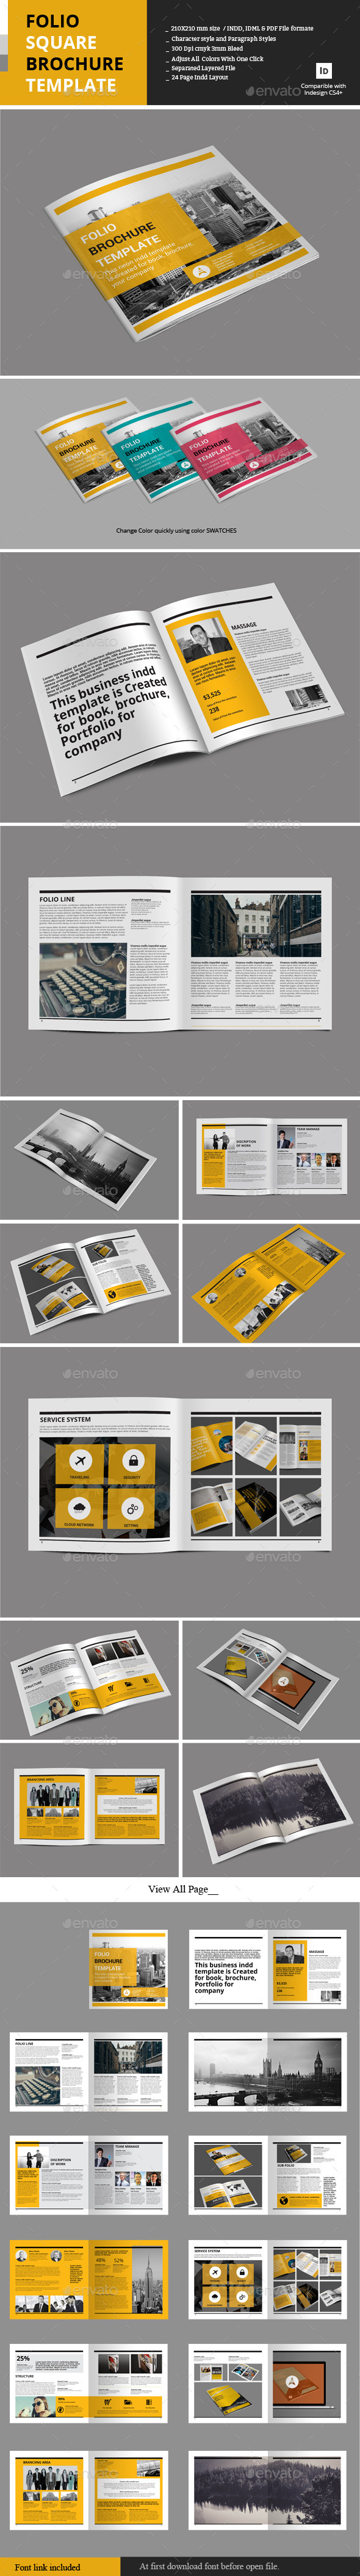 GraphicRiver Folio Square Brochure Template 9796881